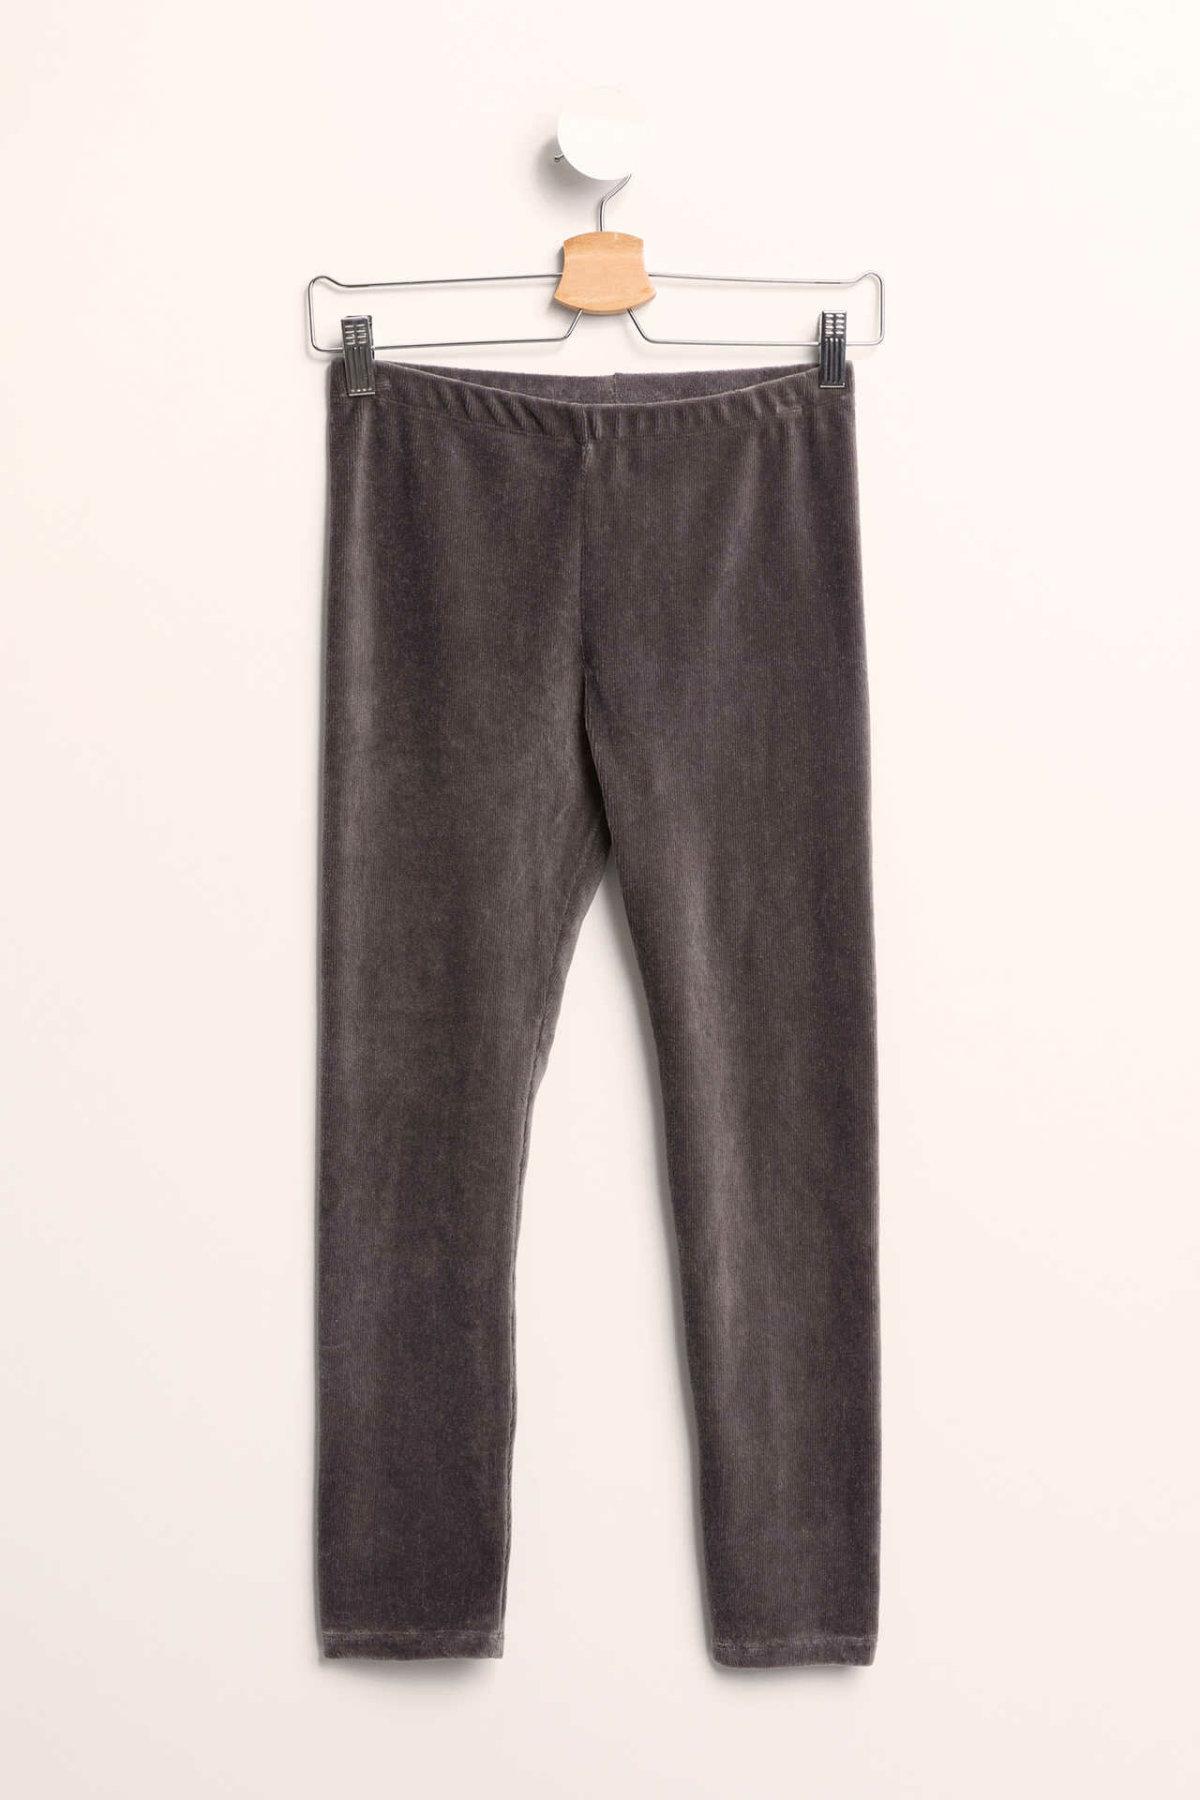 DeFacto Girl Autumn Solid Color Slim Leggings Girls Black Grey Color Elastic Long Pants Girl Casual Skinny Leggings-K8562A618CW